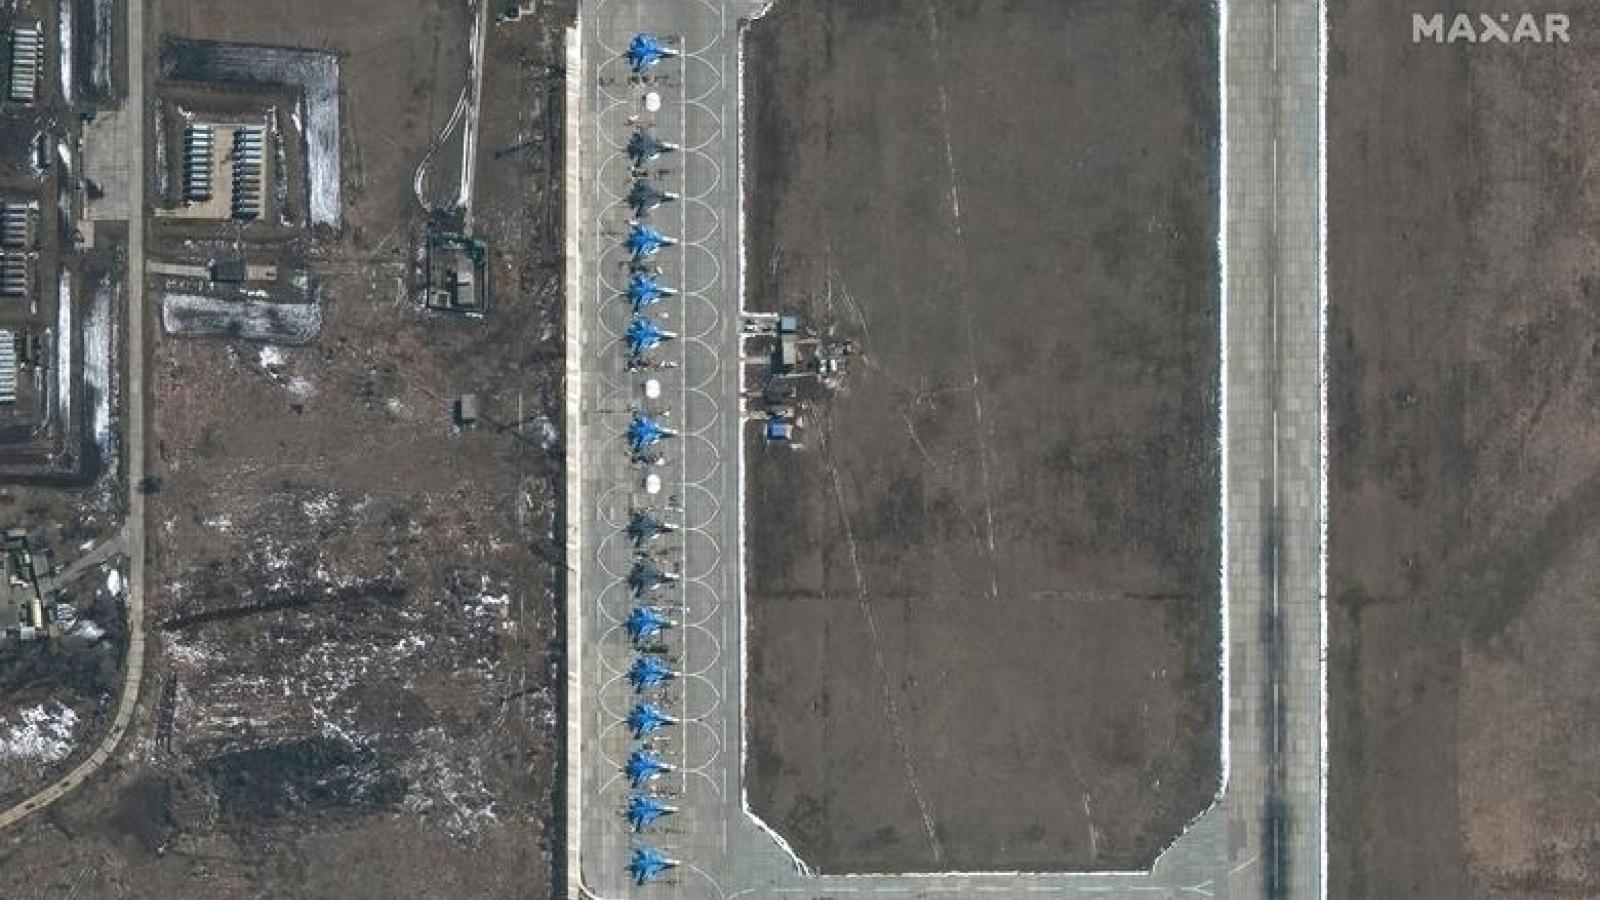 Biên giới Nga-Ukraine bất ngờ hạ nhiệt:Nga thông báo rút quân, sẵn sàng đối thoại